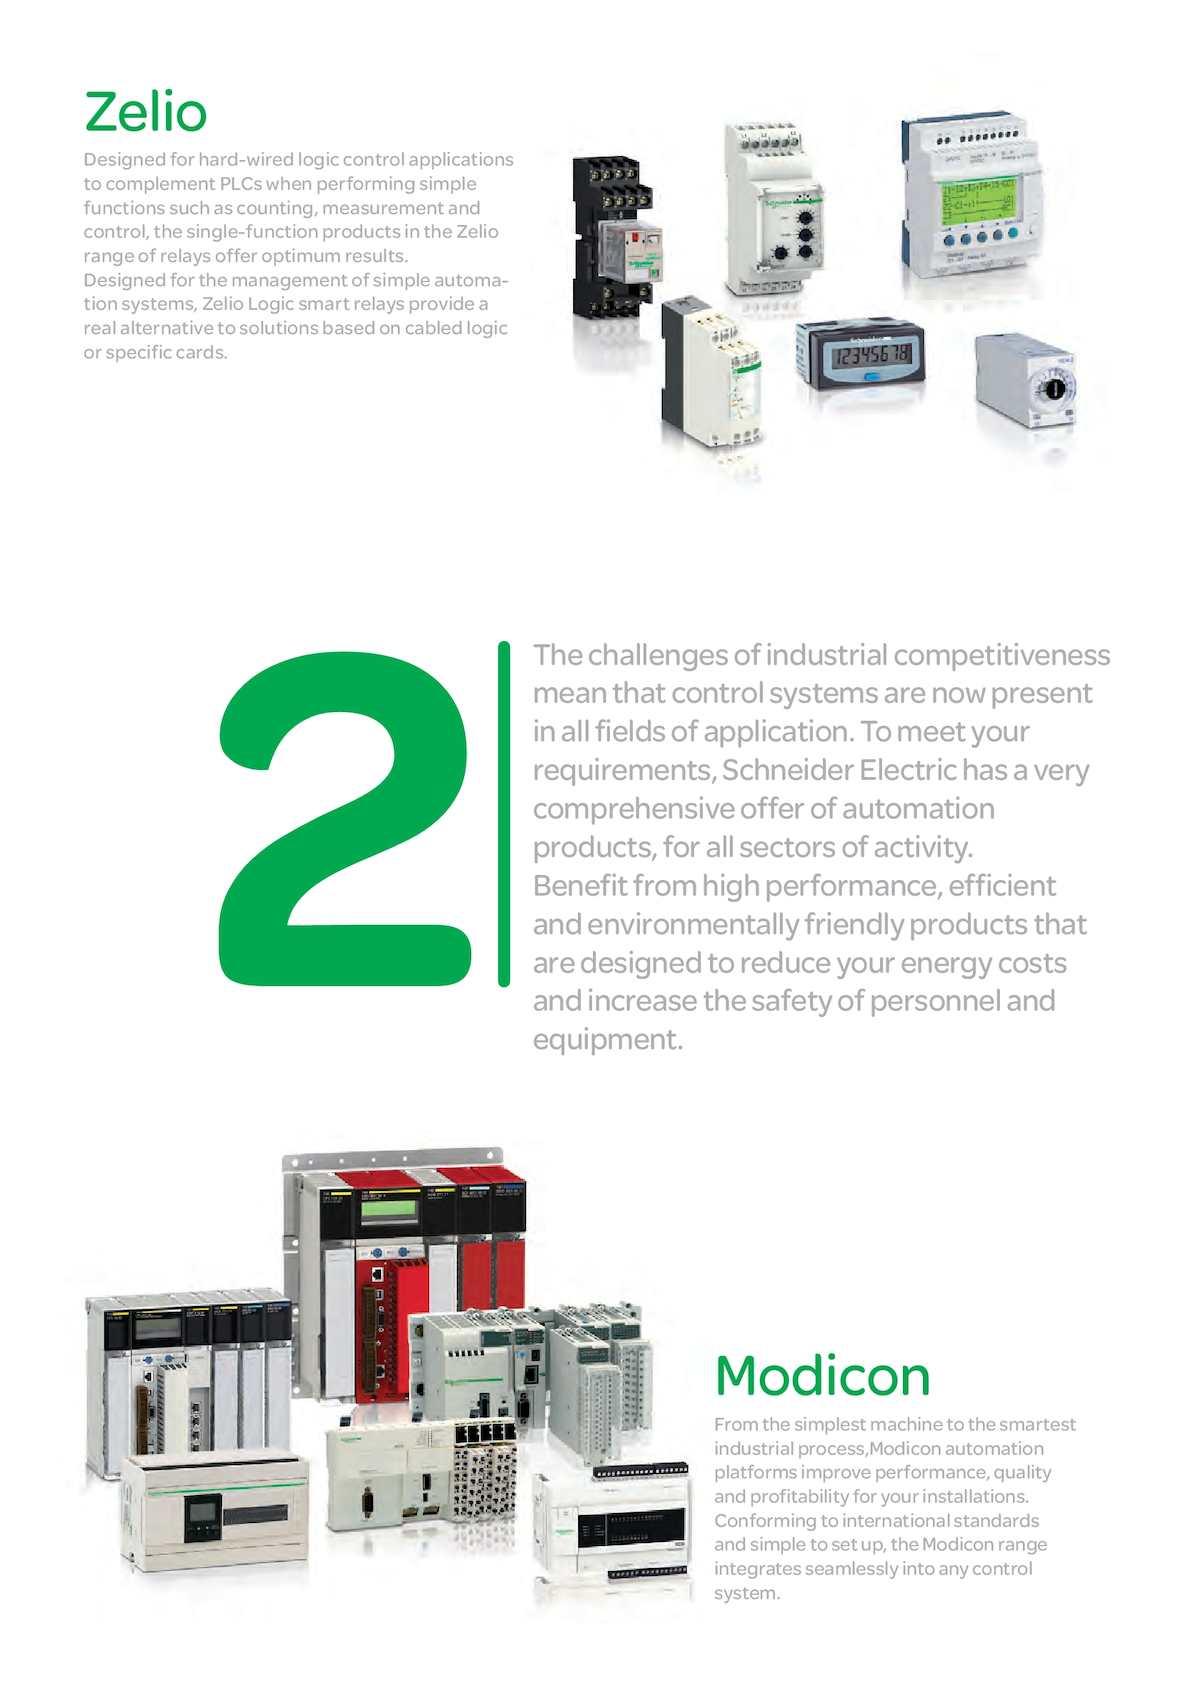 Schneider Twido Analog input module 4 voltage current temperature RTD TM2AMI4LT